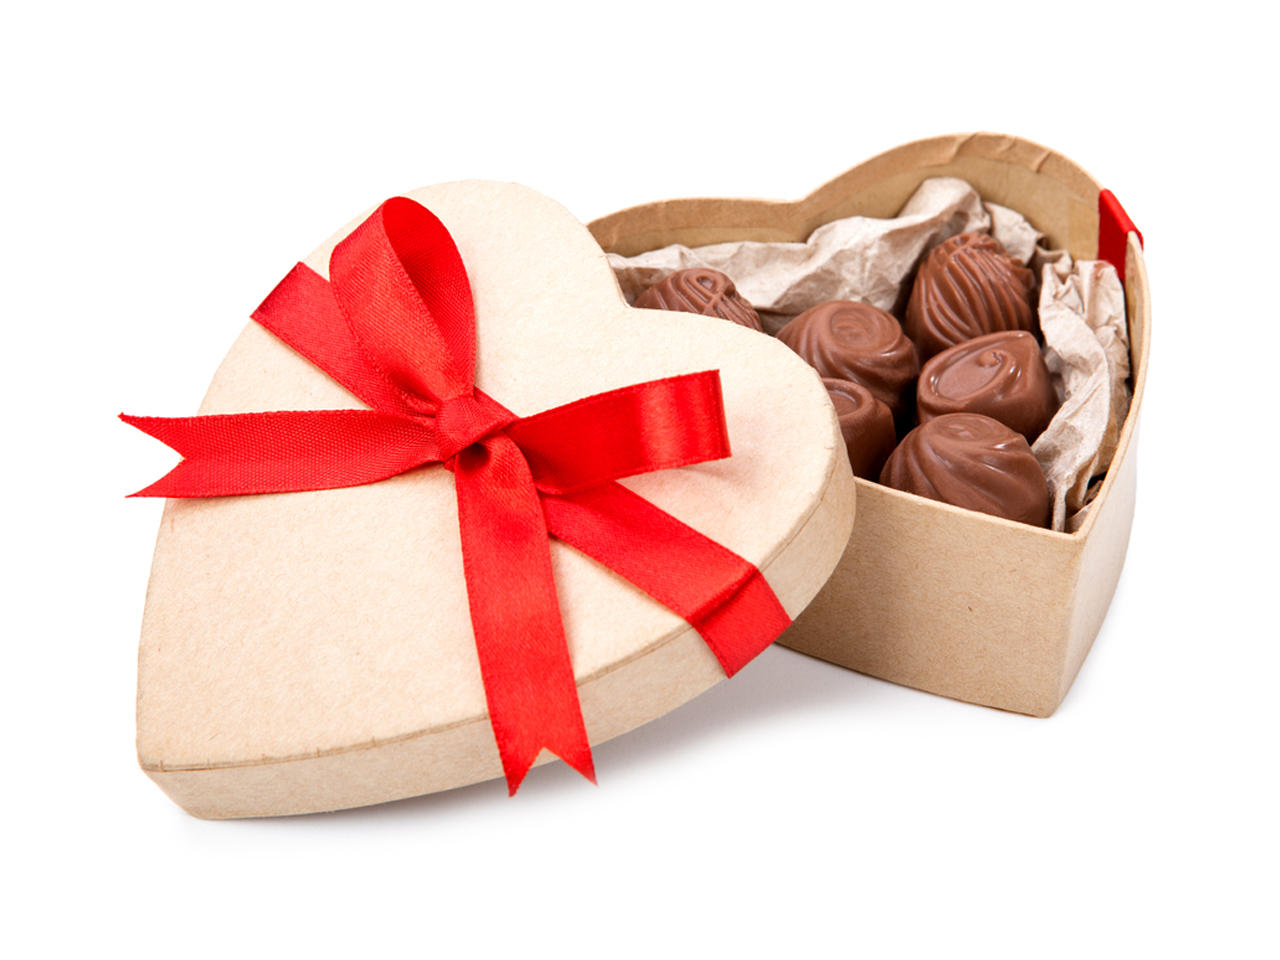 Картинки коробка конфет на прозрачном фоне